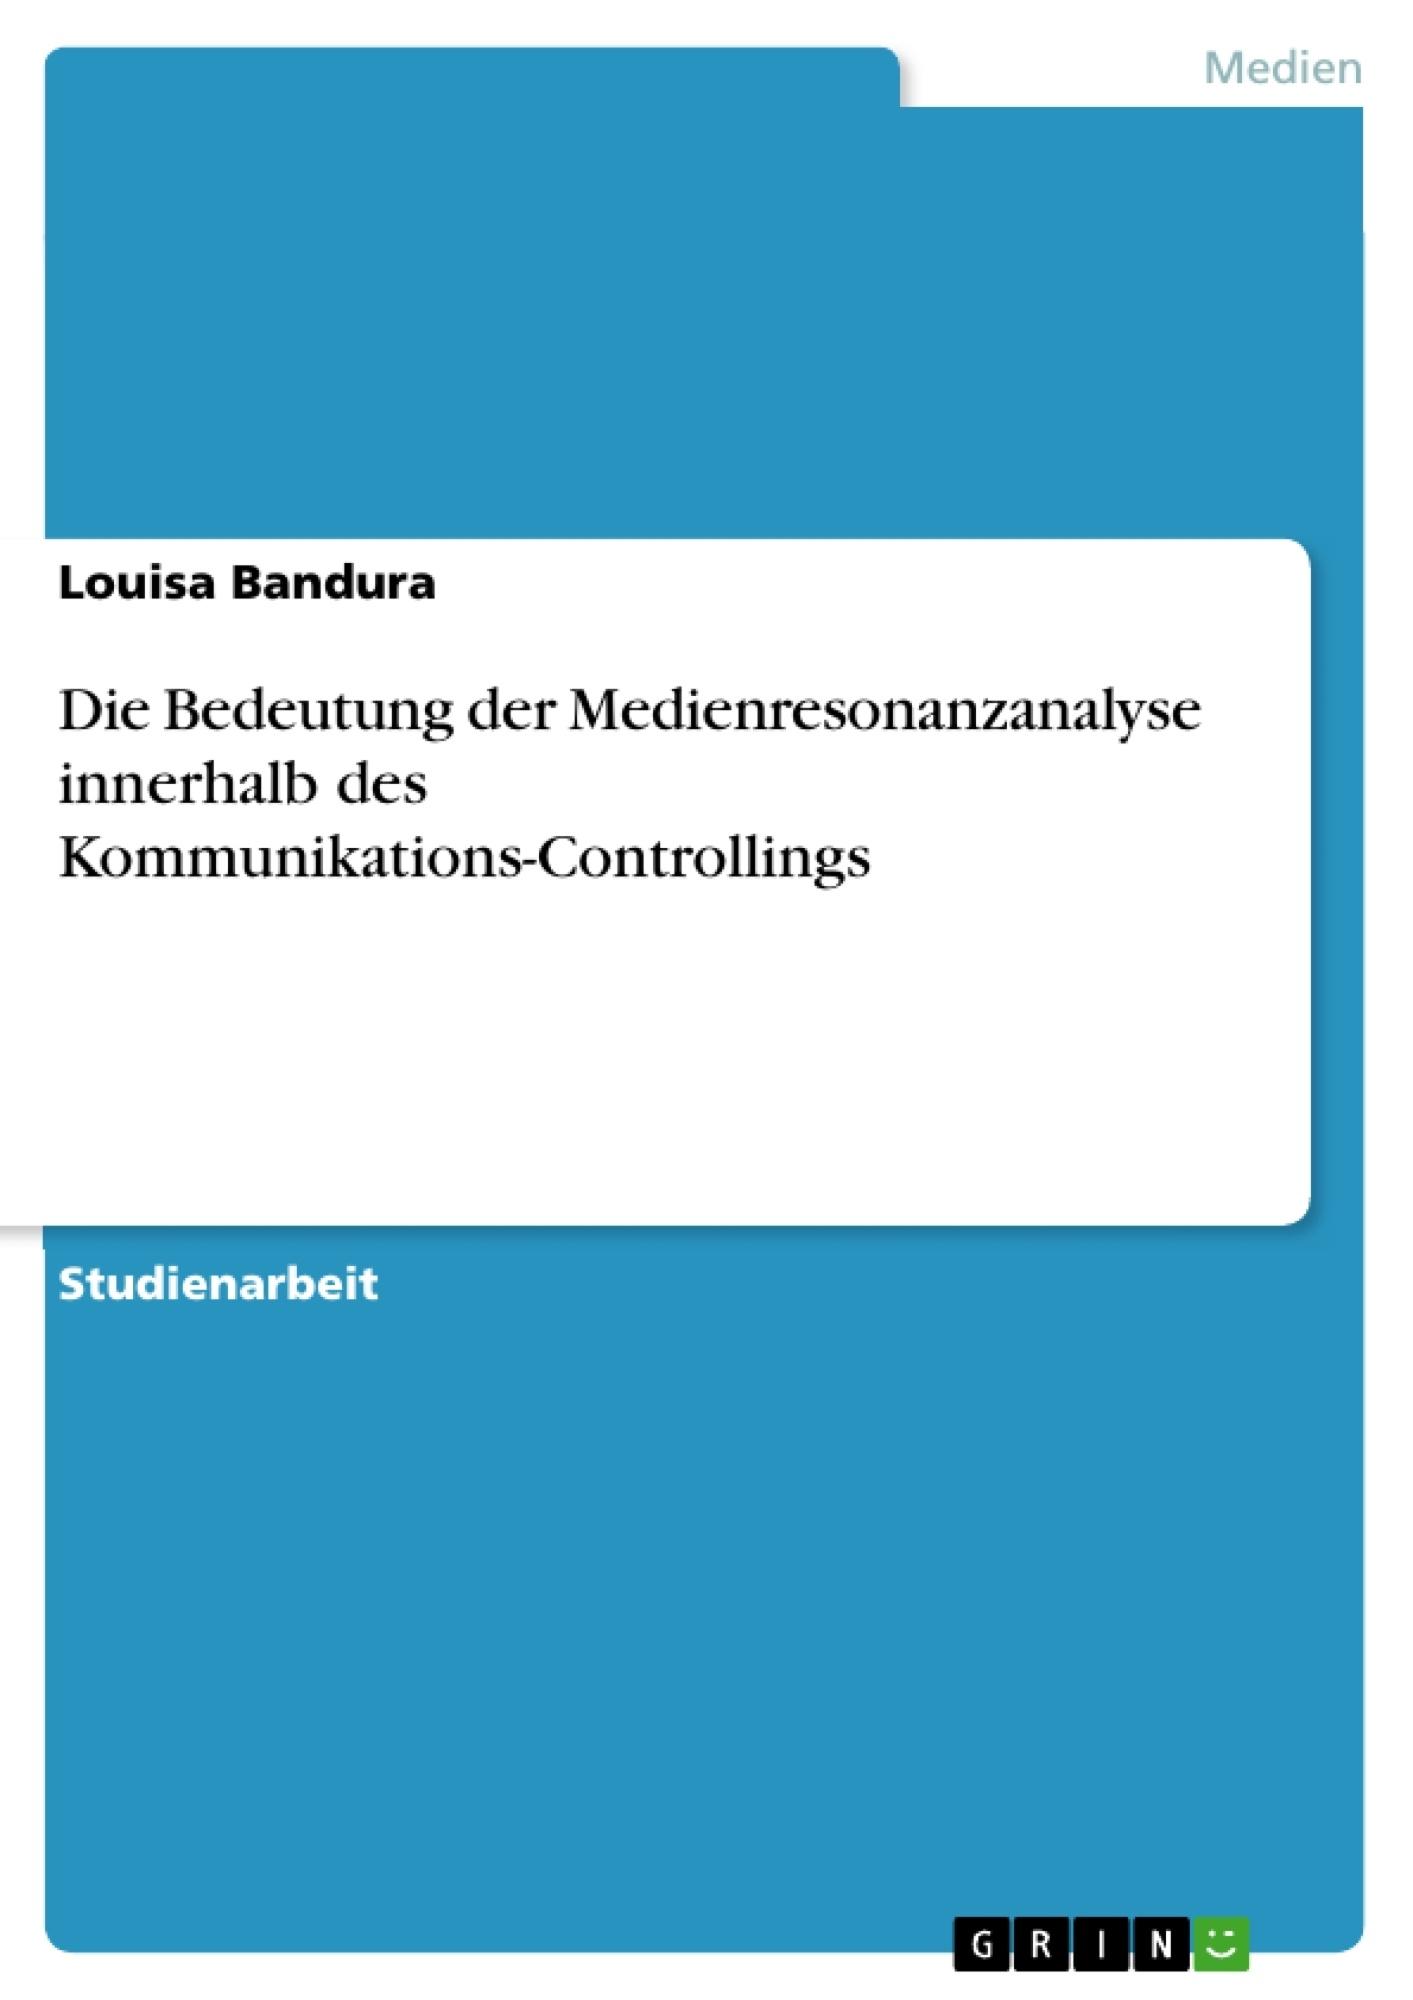 Titel: Die Bedeutung der Medienresonanzanalyse innerhalb des Kommunikations-Controllings